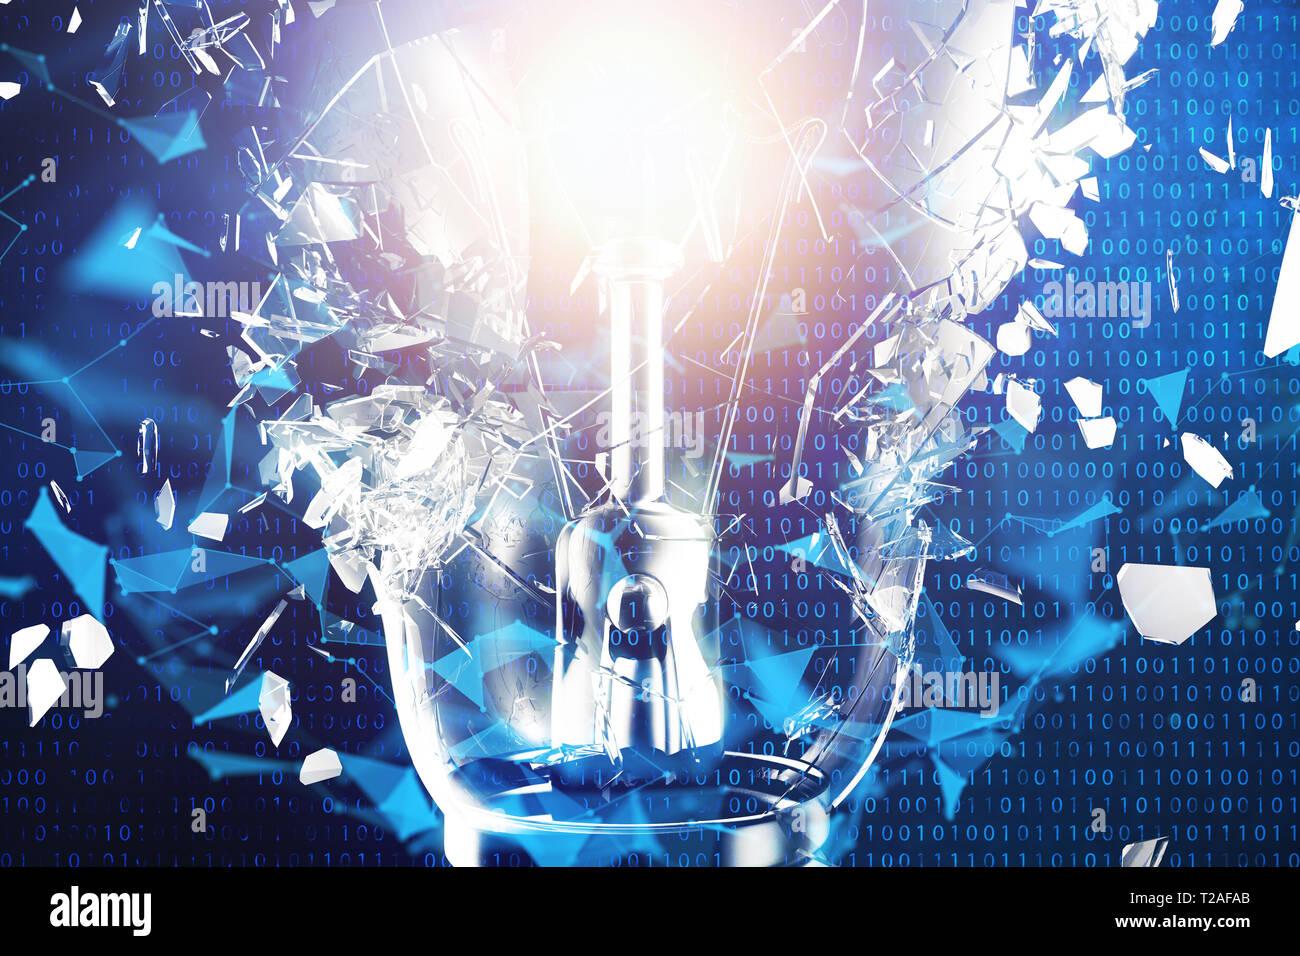 3D-Illustration explodierende Glühbirne auf einem blauen Hintergrund, Konzept kreatives Denken und innovative Lösungen. Netzwerkverbindung Linien und Punkten. Inno Stockfoto